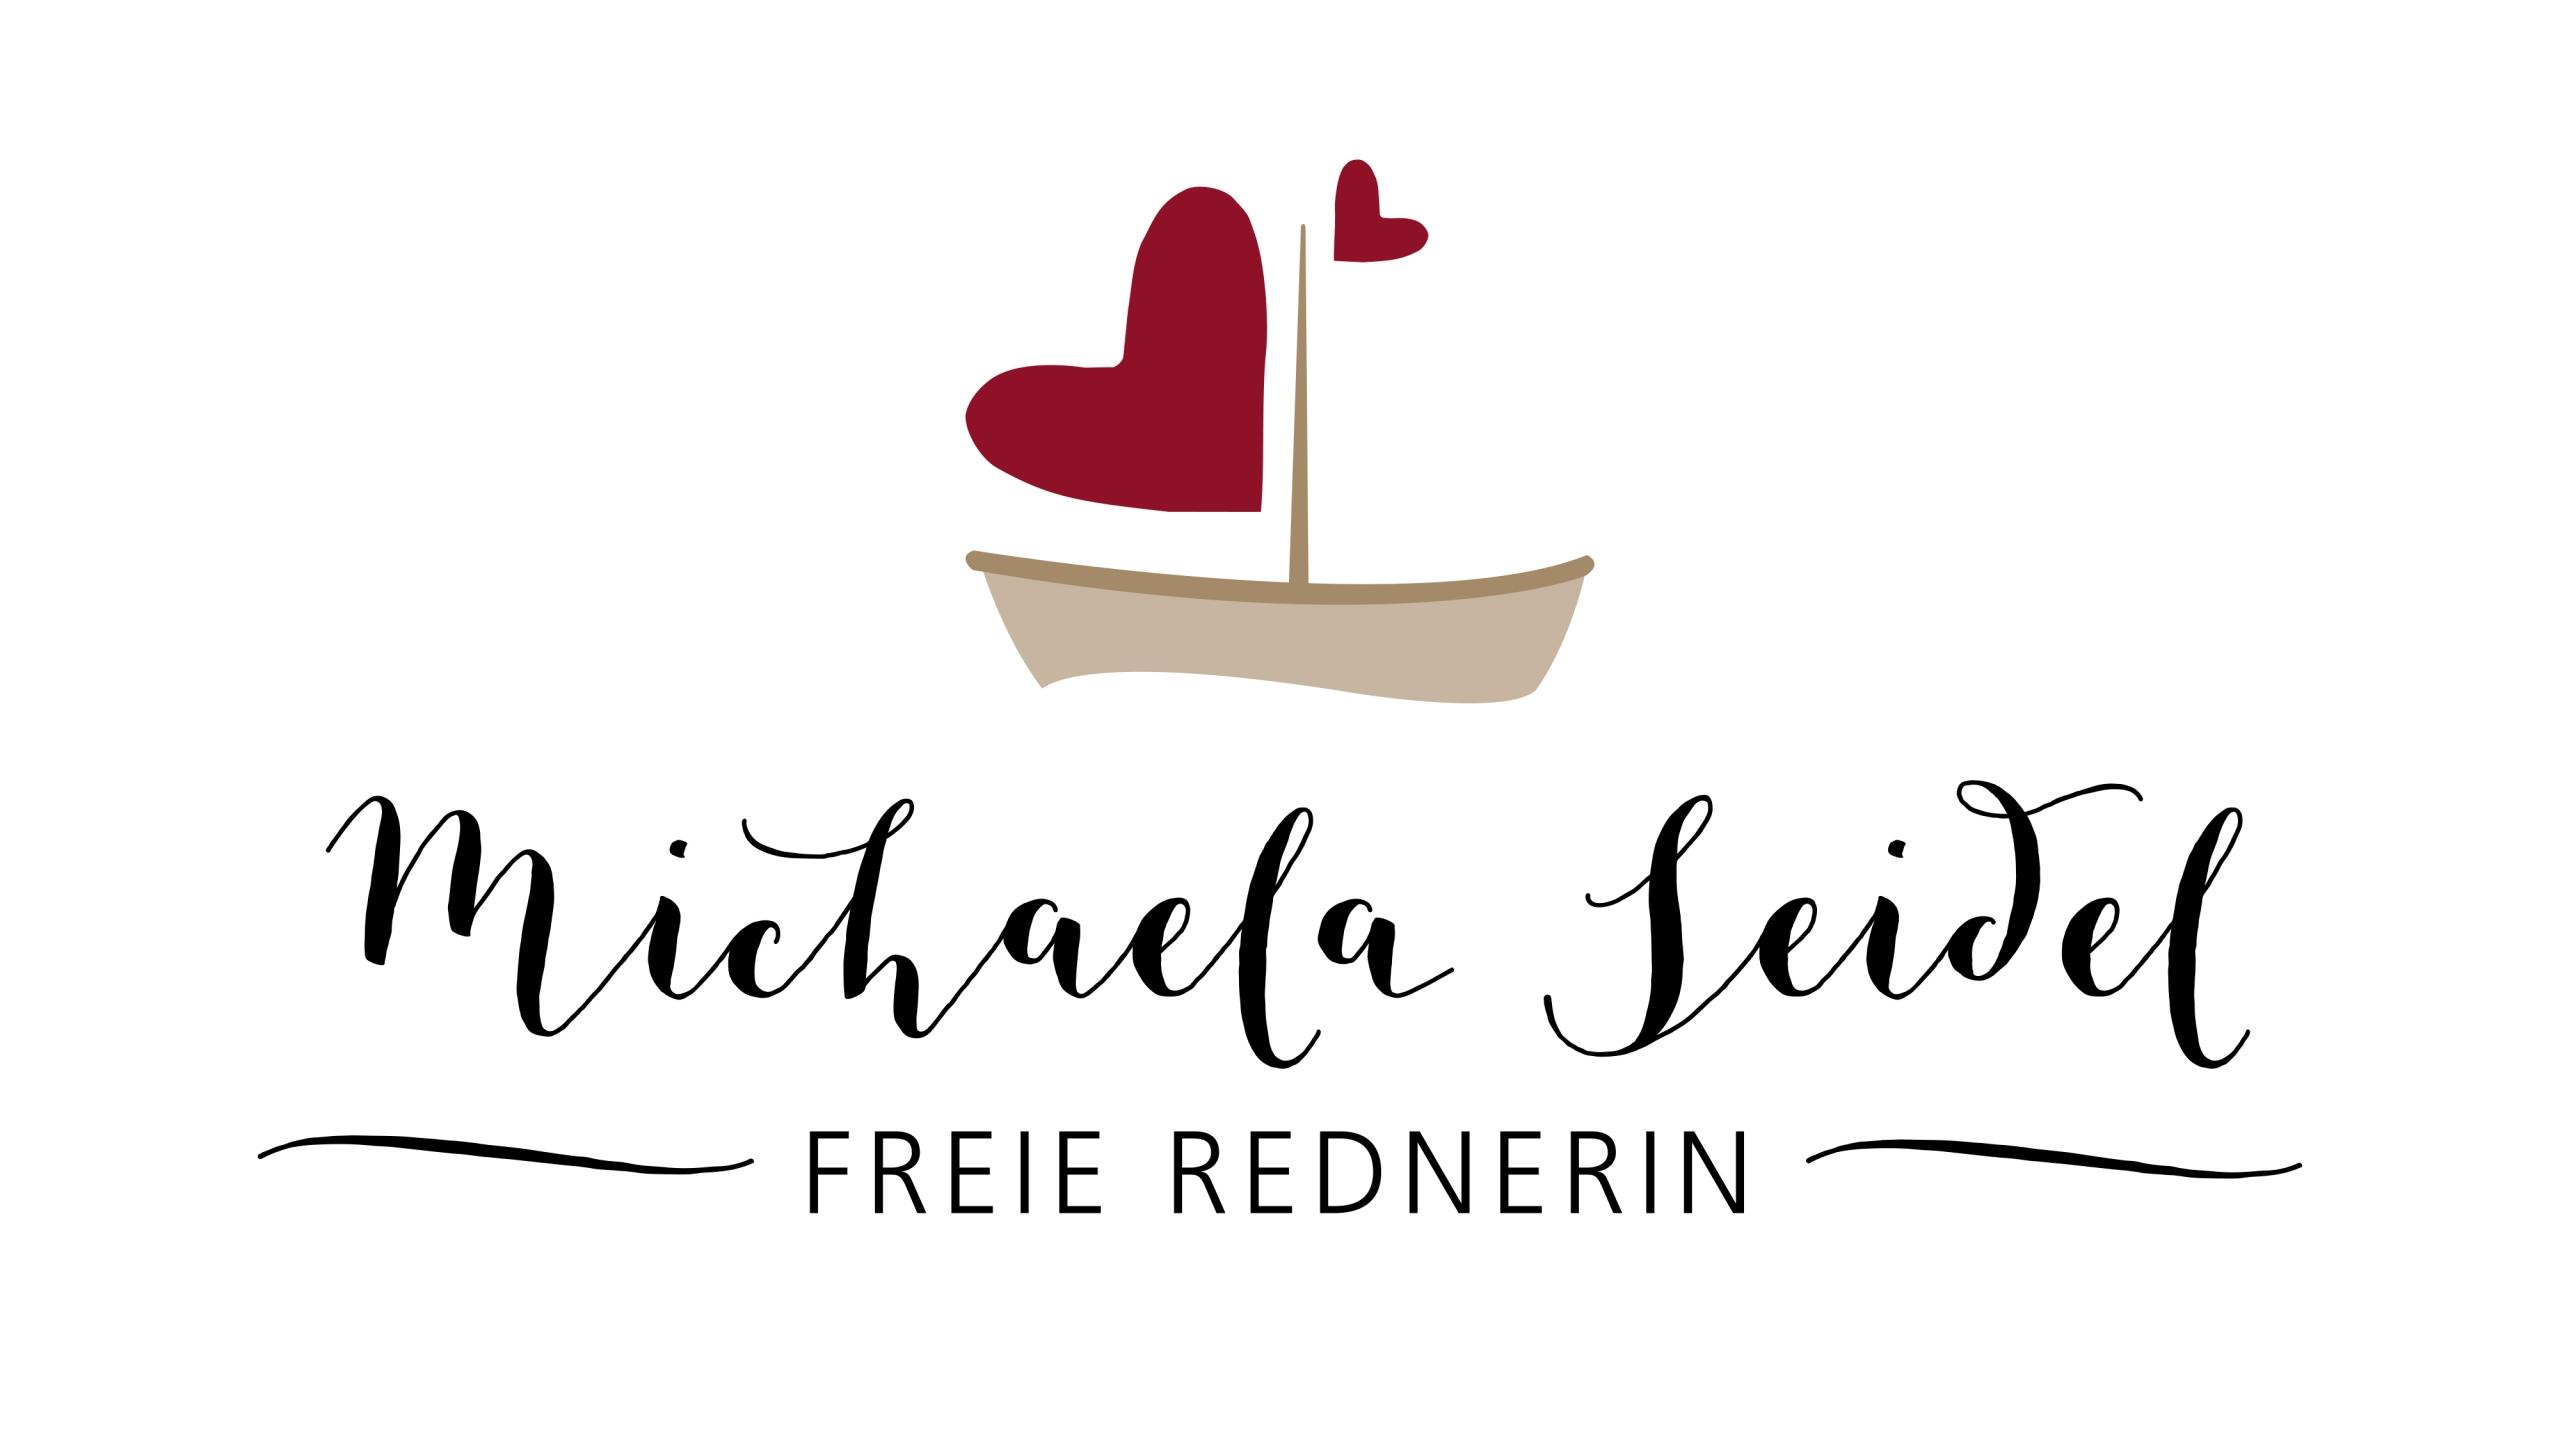 Freie Rednerin Michaela Seidel